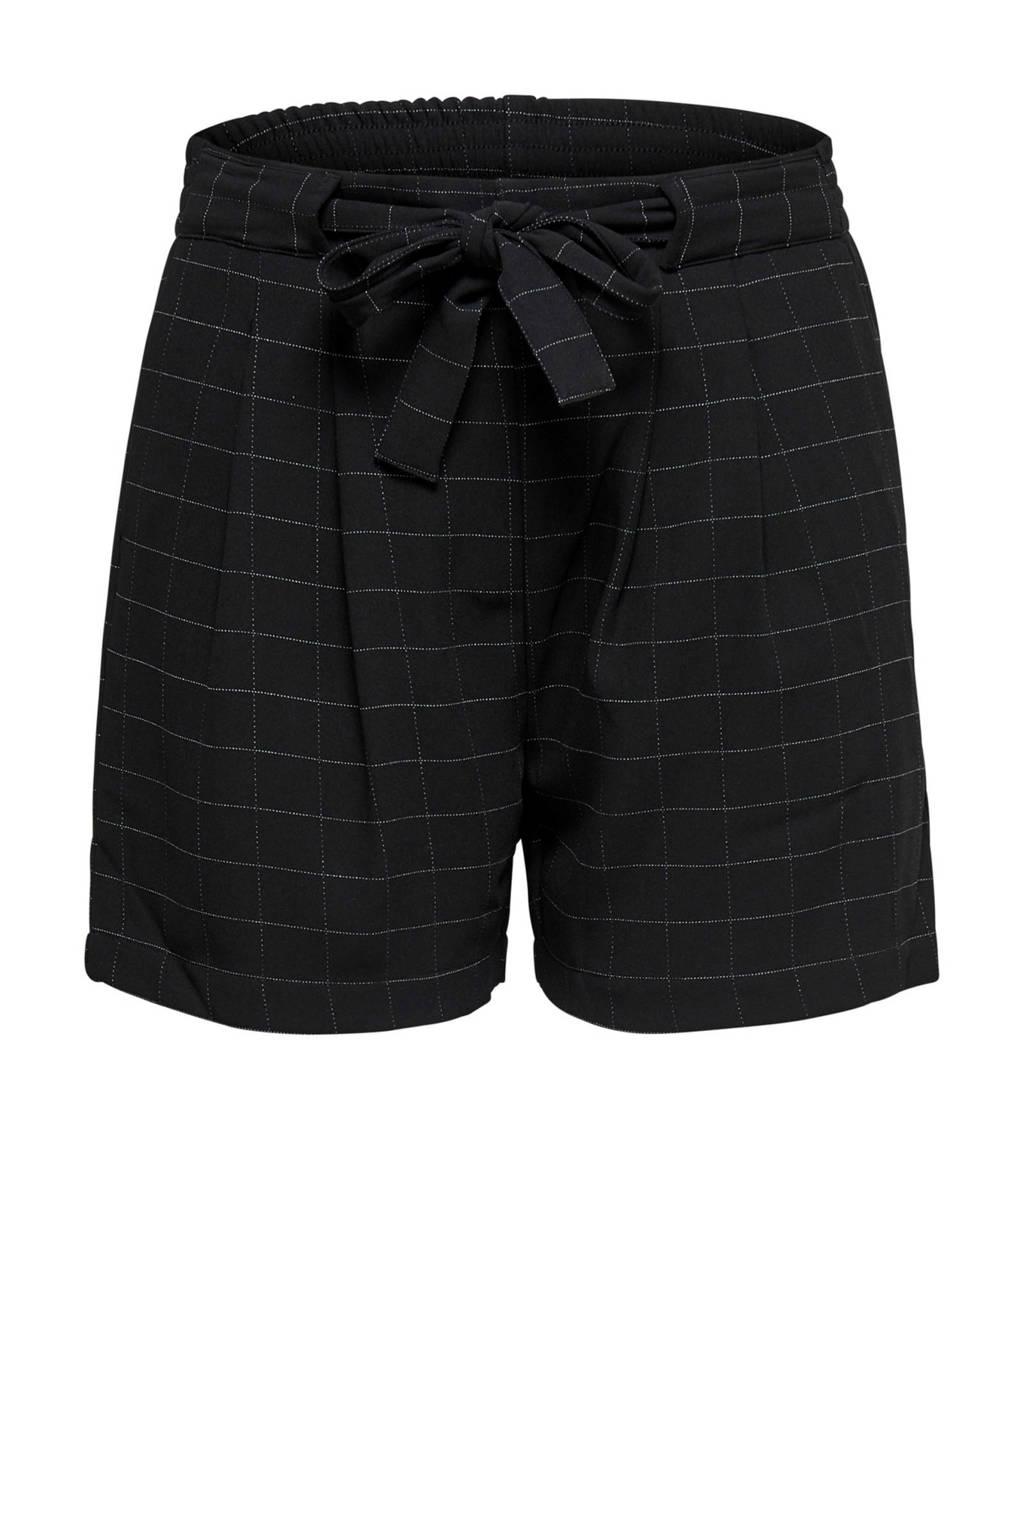 JACQUELINE DE YONG korte broek met ruiten, Zwart/wit